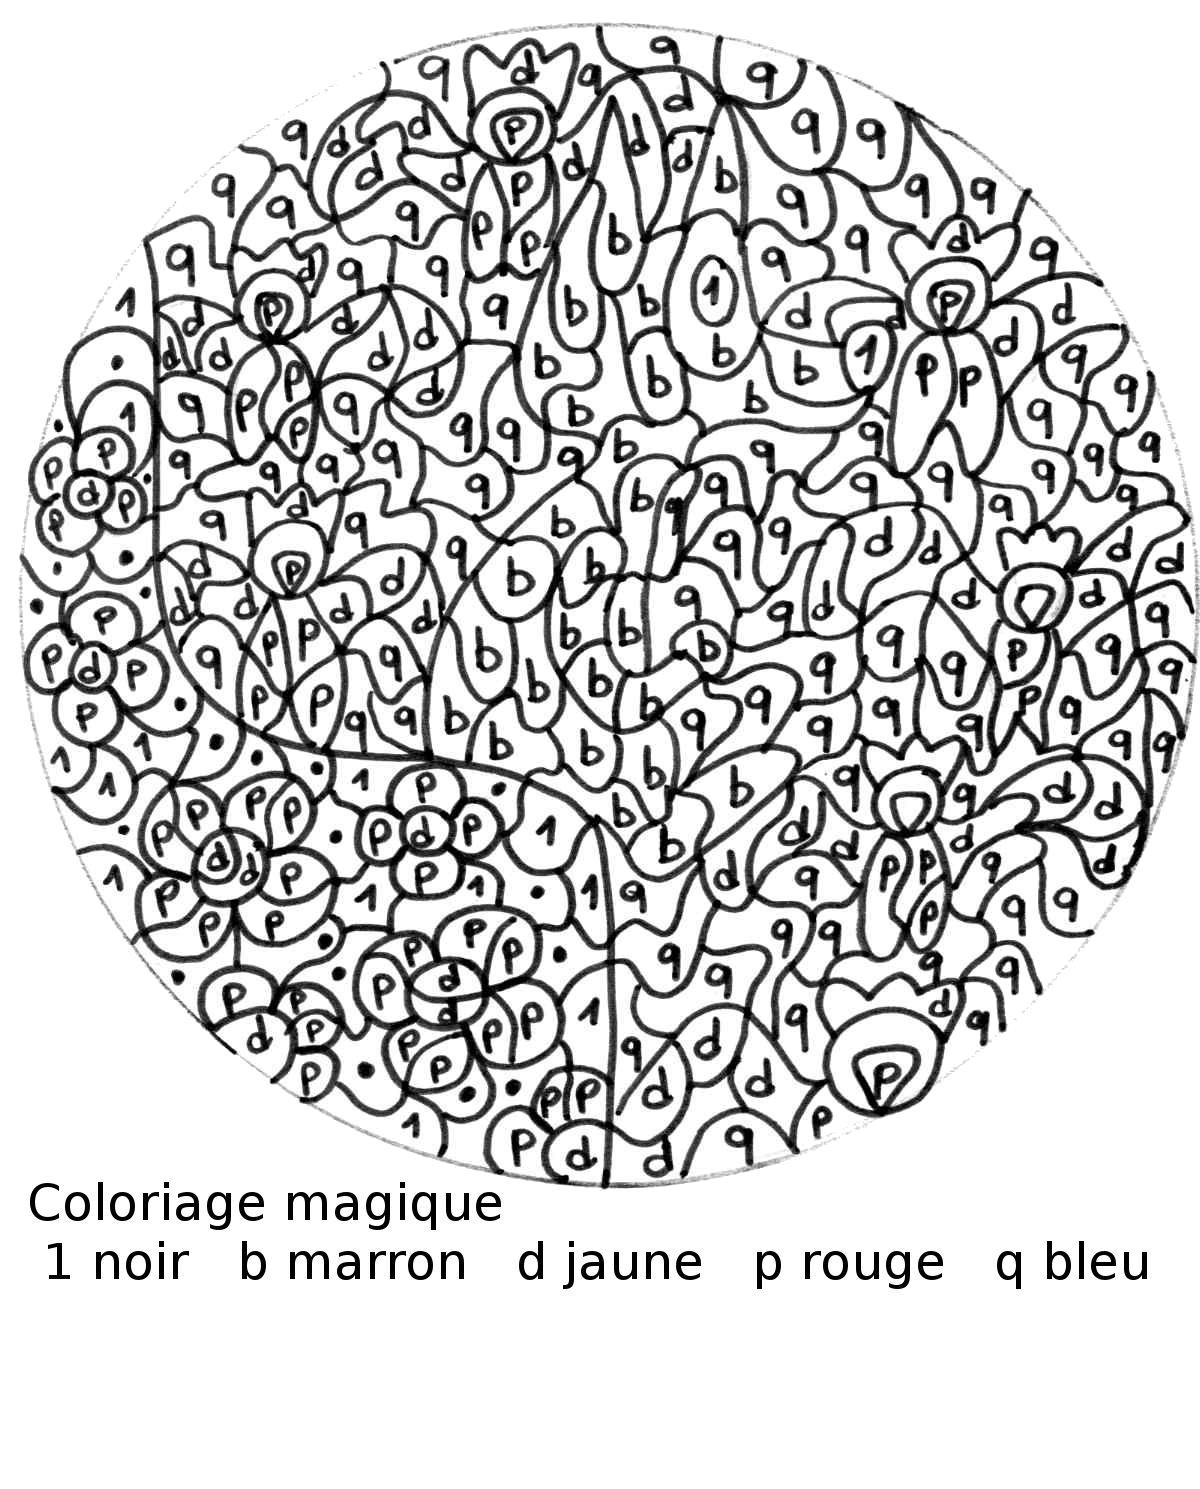 Maternelle coloriage magique jeune loup assis - Coloriage magique loup ...